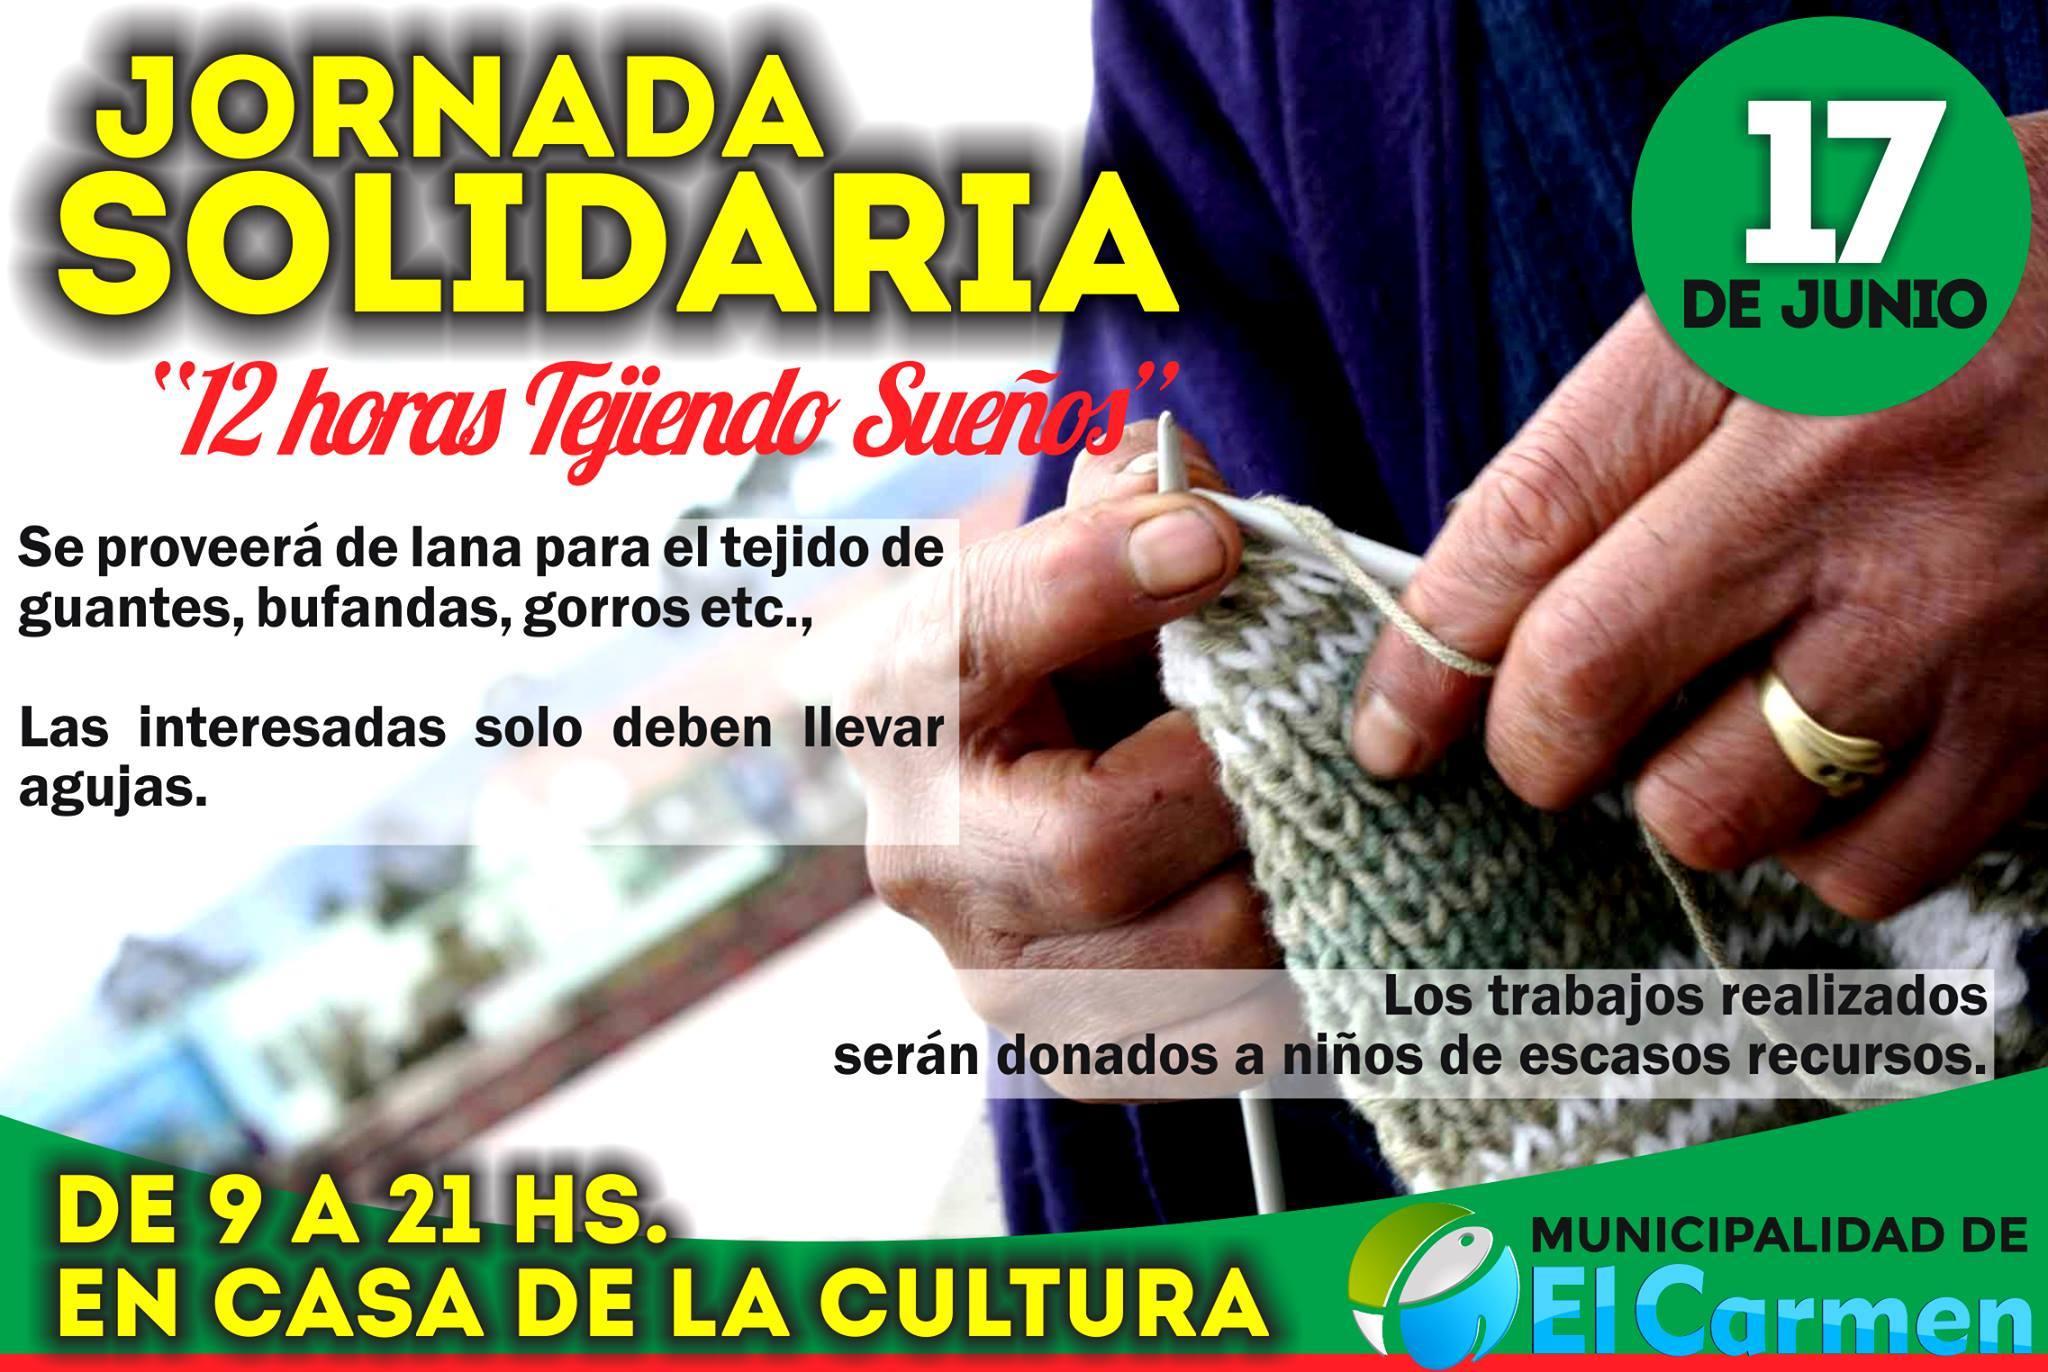 JORNADA SOLIDARIA EN EL CARMEN